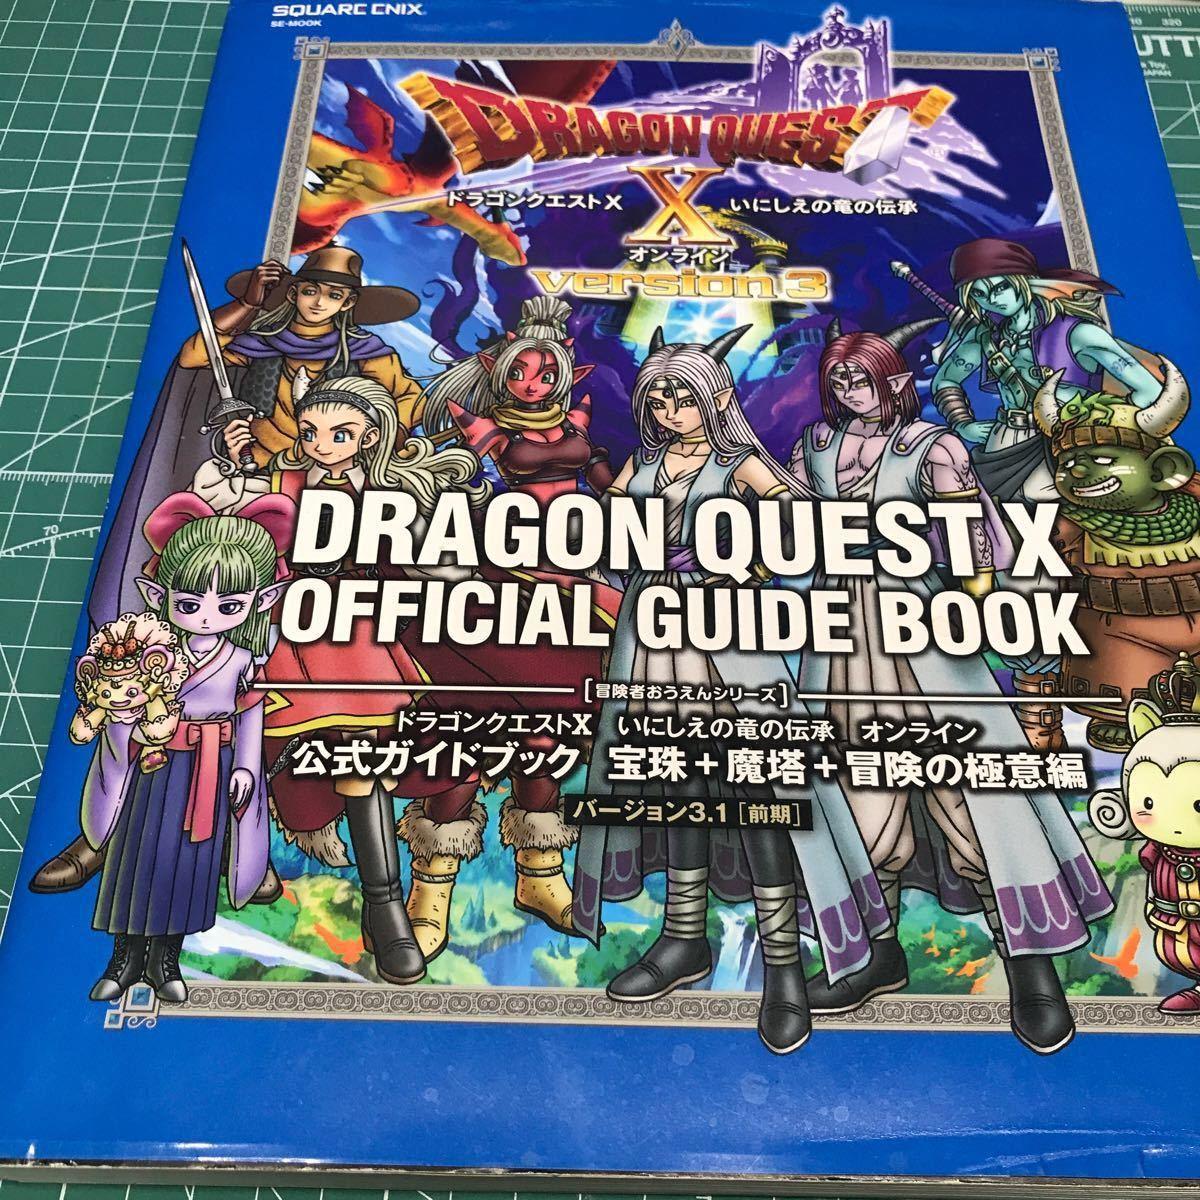 ドラゴンクエスト10いにしえの竜の伝承オンライン公式ガイドブック    宝珠+魔塔+冒険の極 /